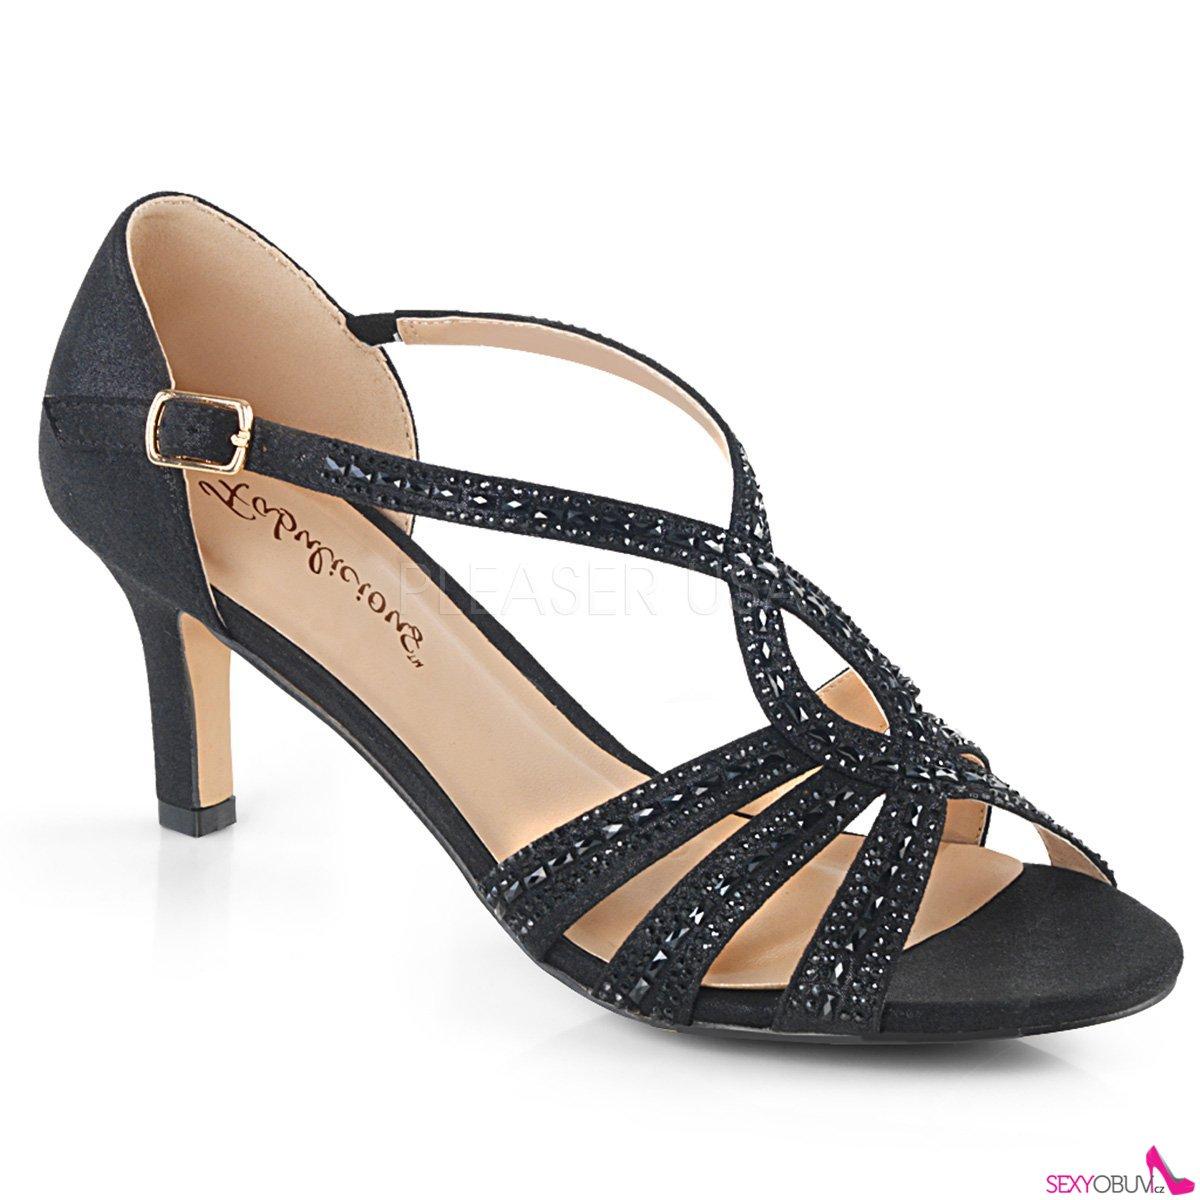 f7760c0a2a6 MISSY-03 Černé plesové boty missy03 bfa